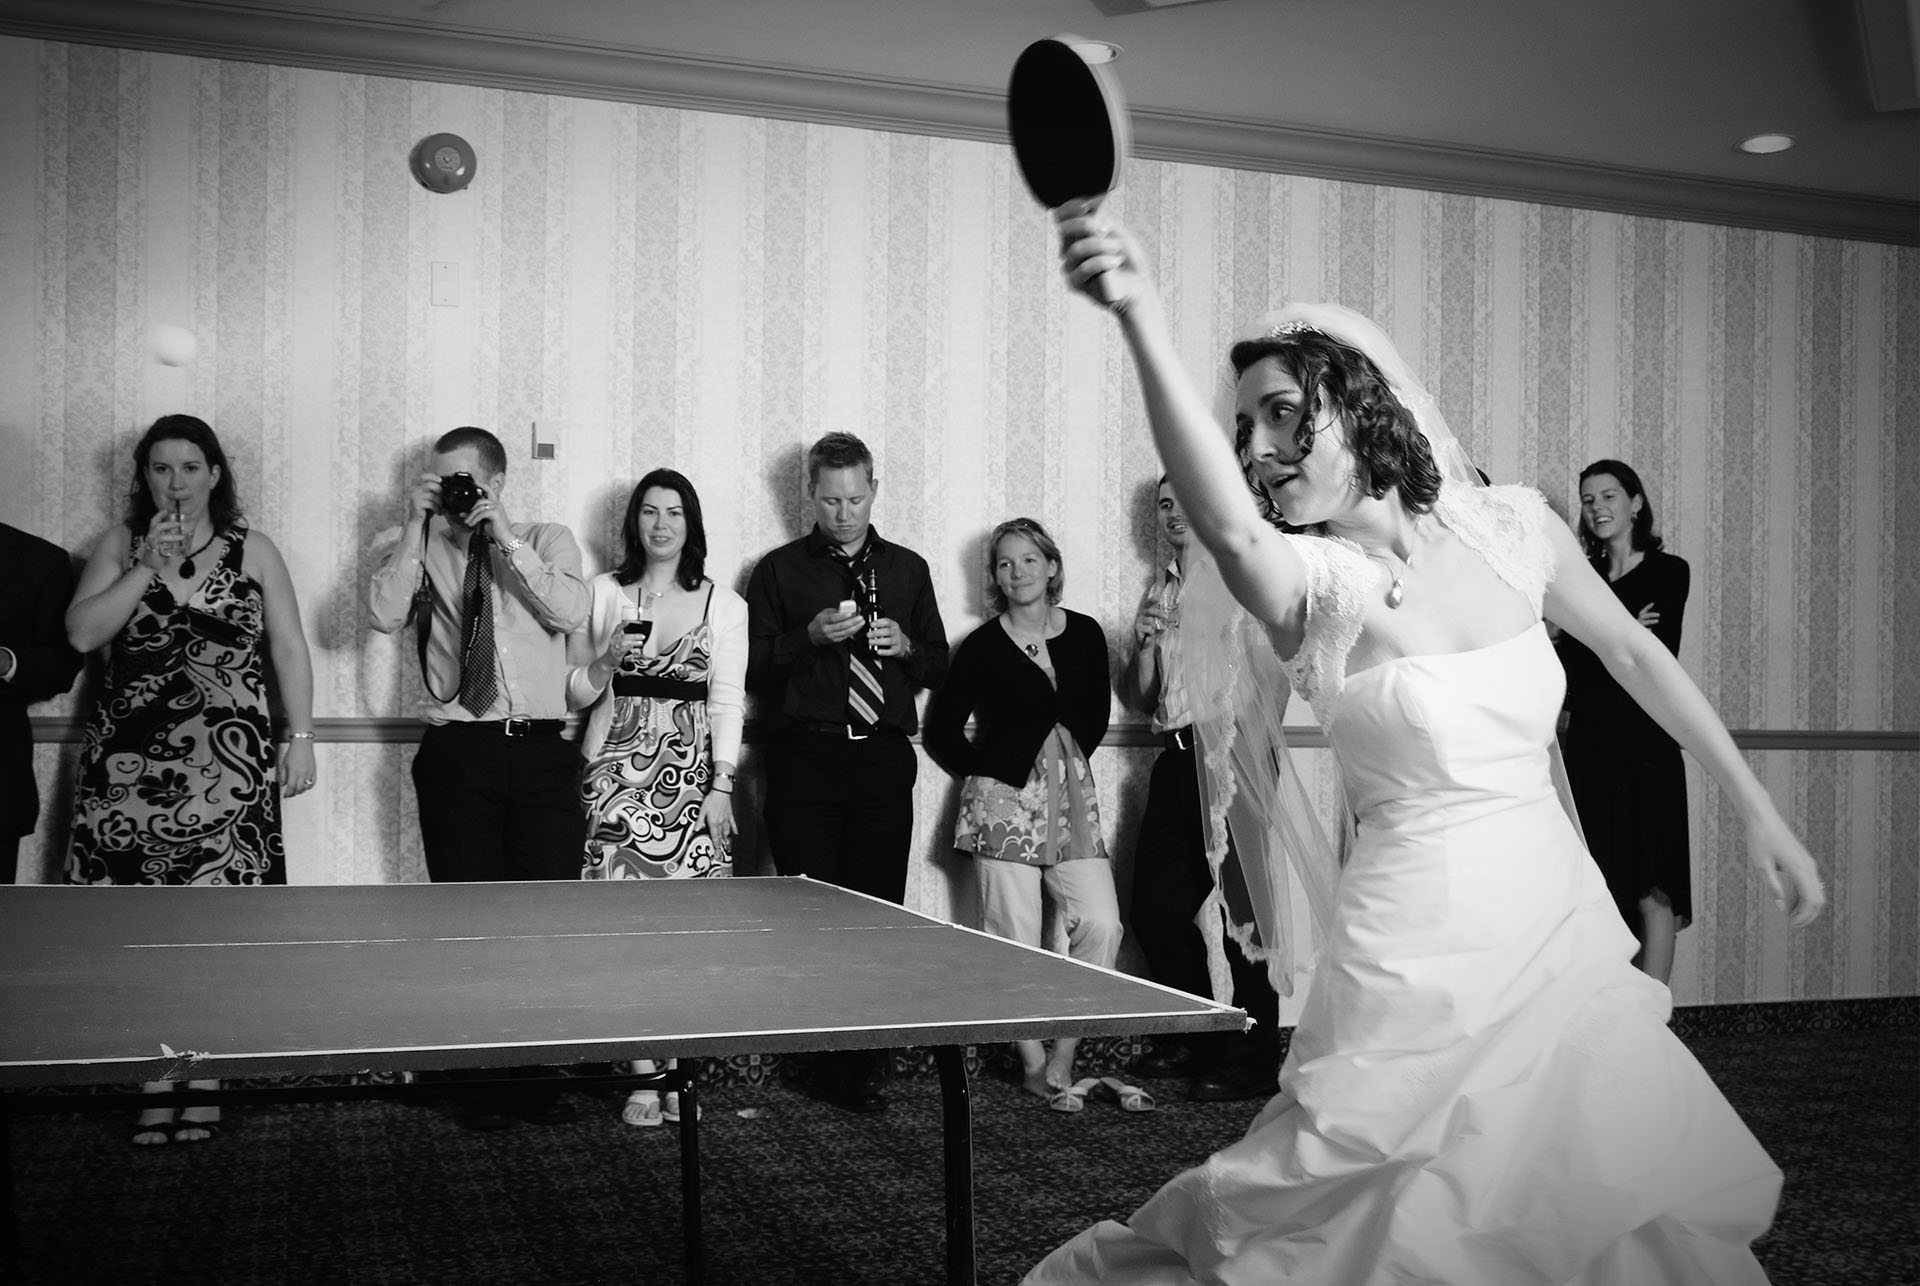 ping pong bride